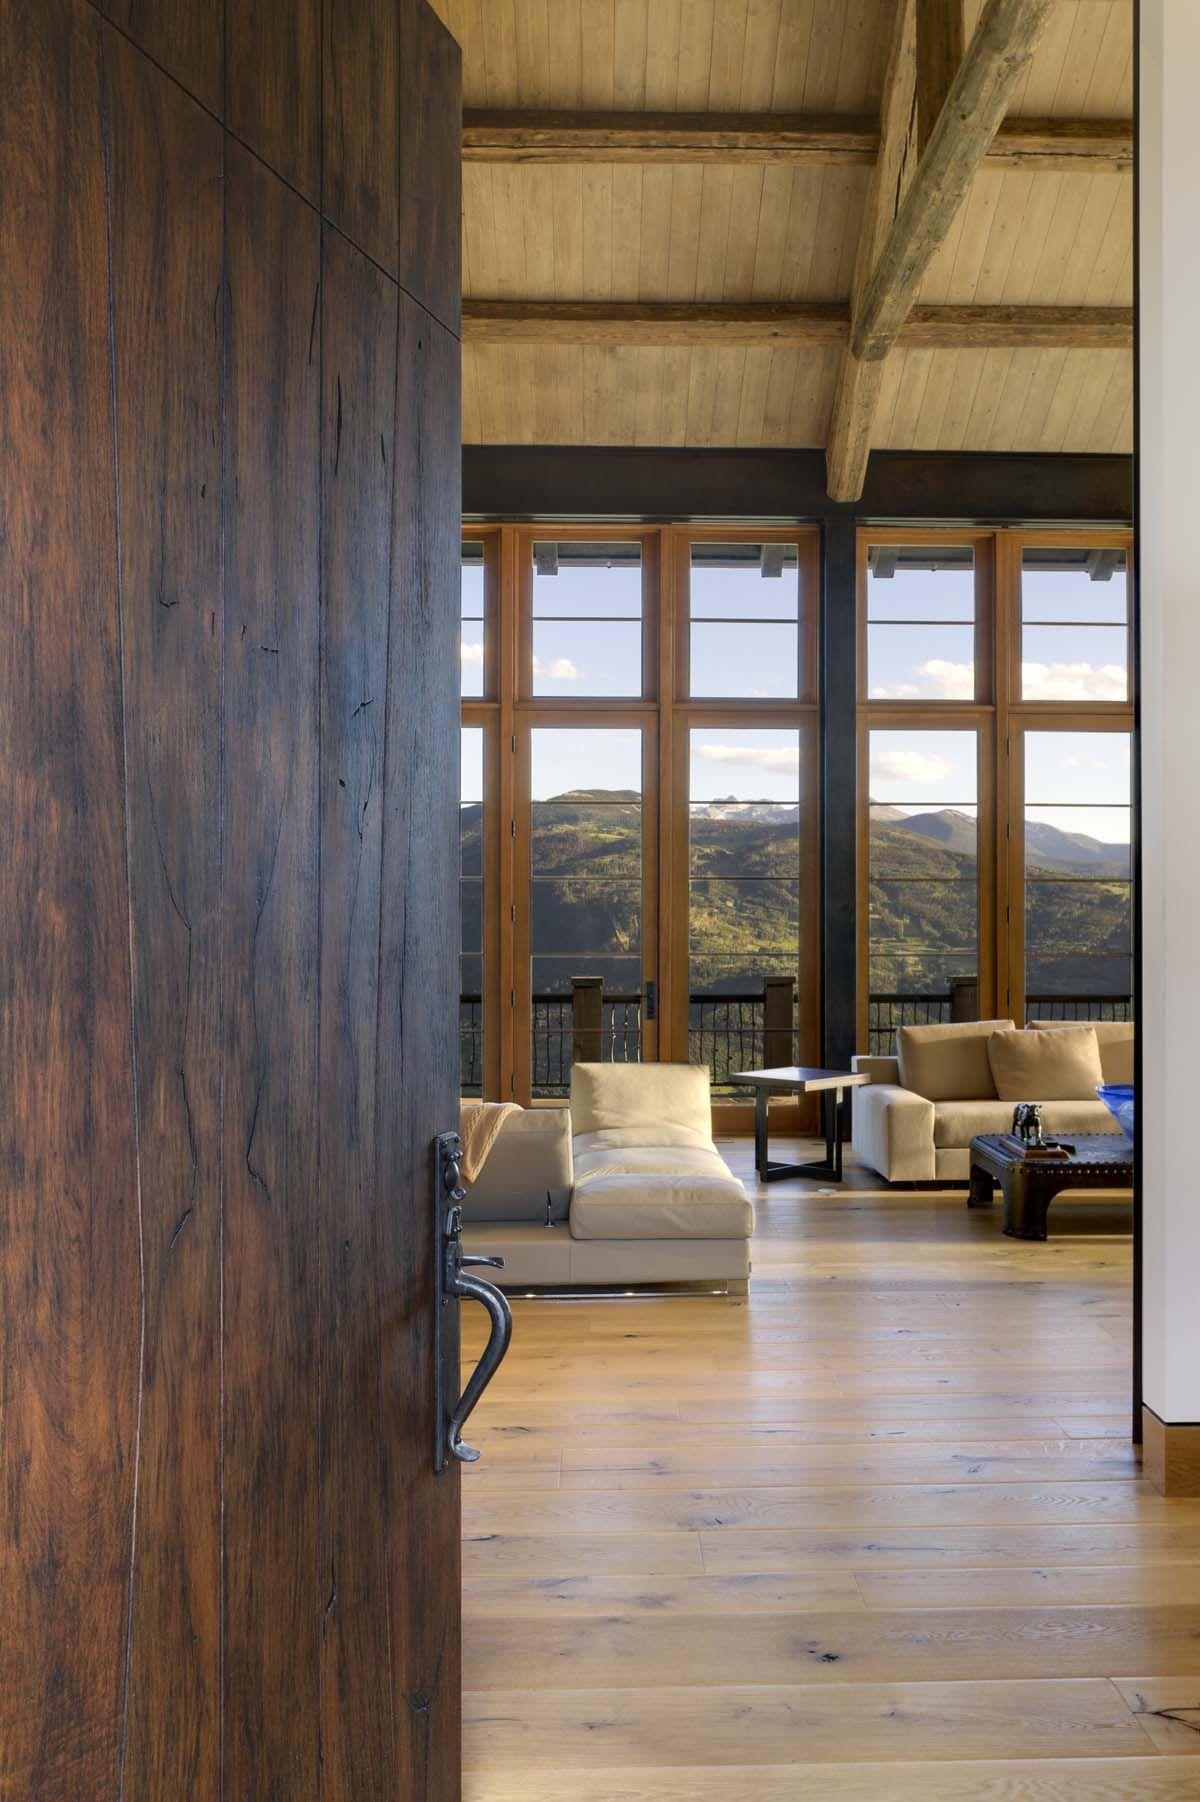 Residential Residential Flooring Rustic Oak Flooring Types Of